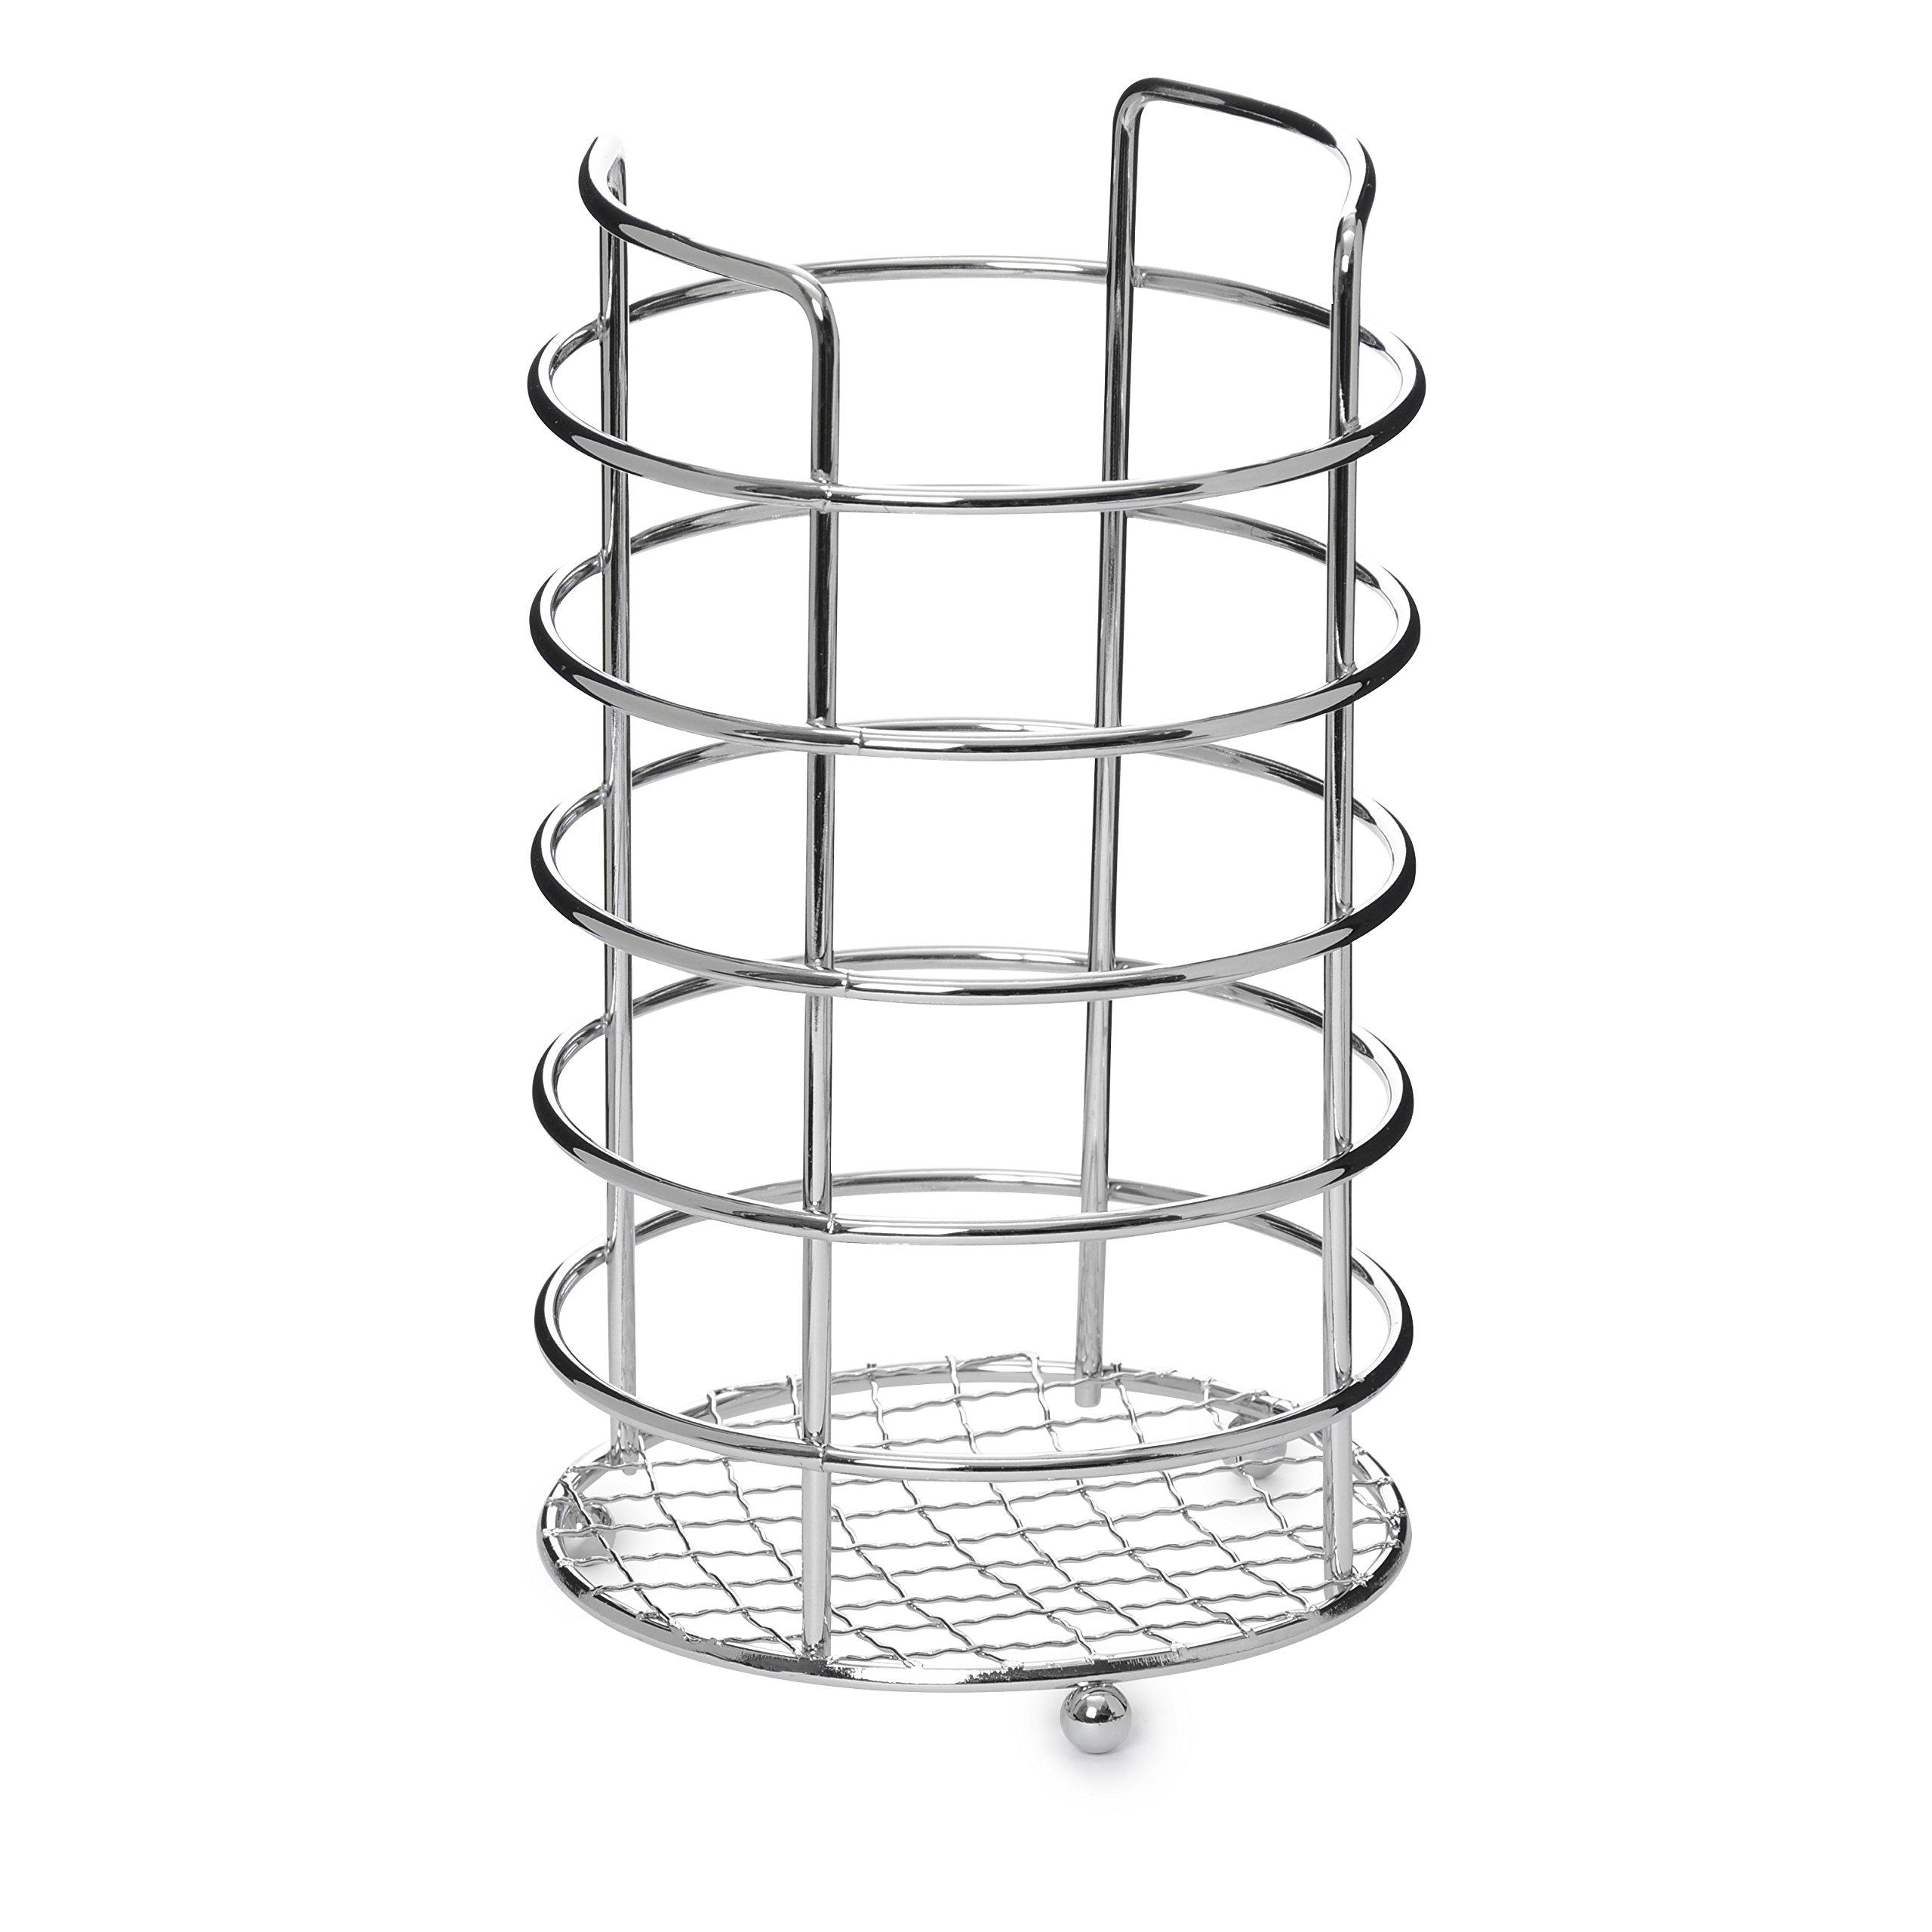 Ybmhome Chrome Utensil Rack. Kitchen Utensil Holder, Caddy Rack, Storage Holder Organizer 2228 (1)